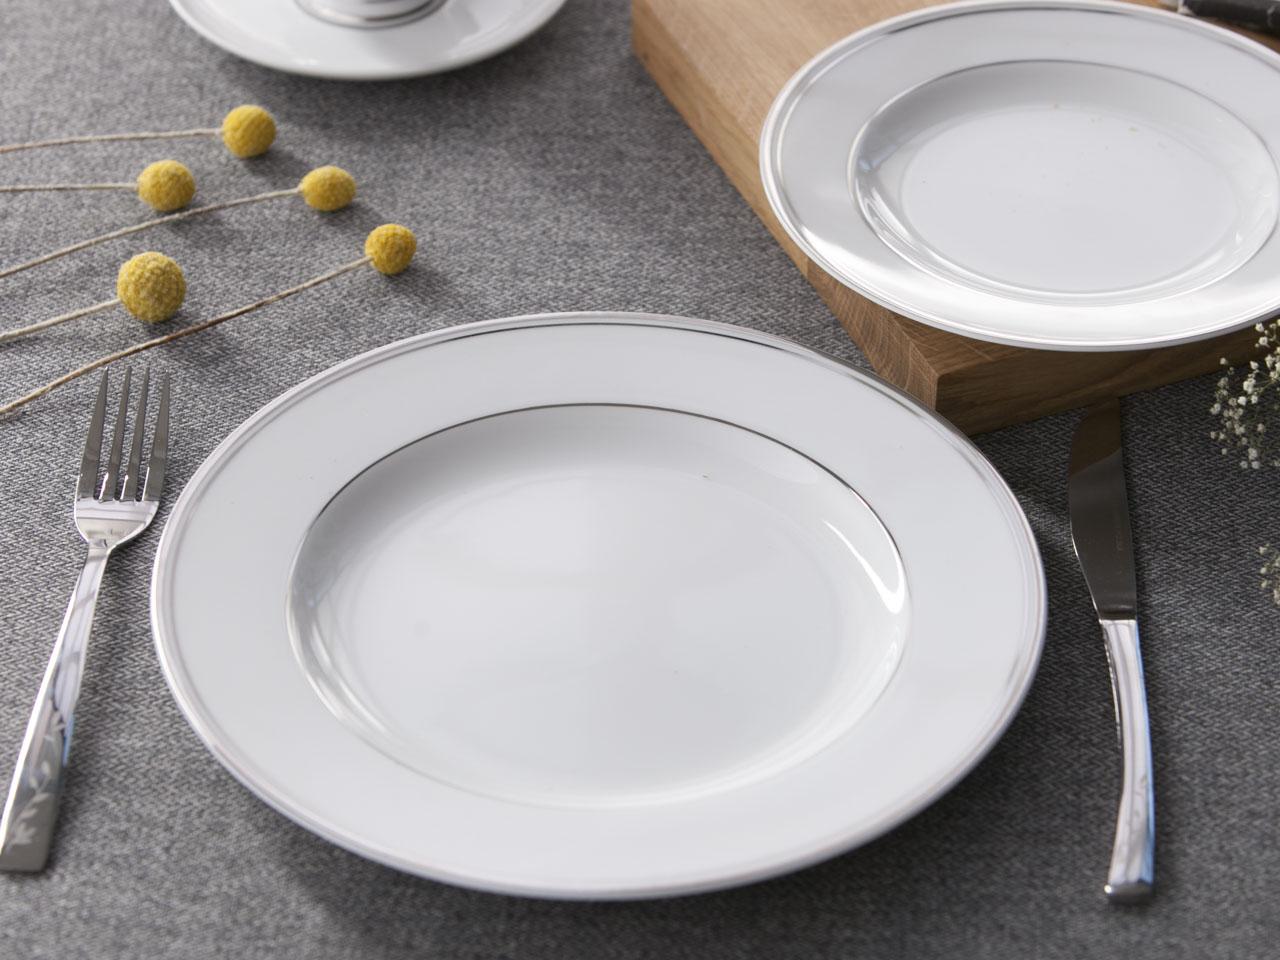 Talerz obiadowy / płytki porcelana MariaPaula Platynowa Linia 26 cm